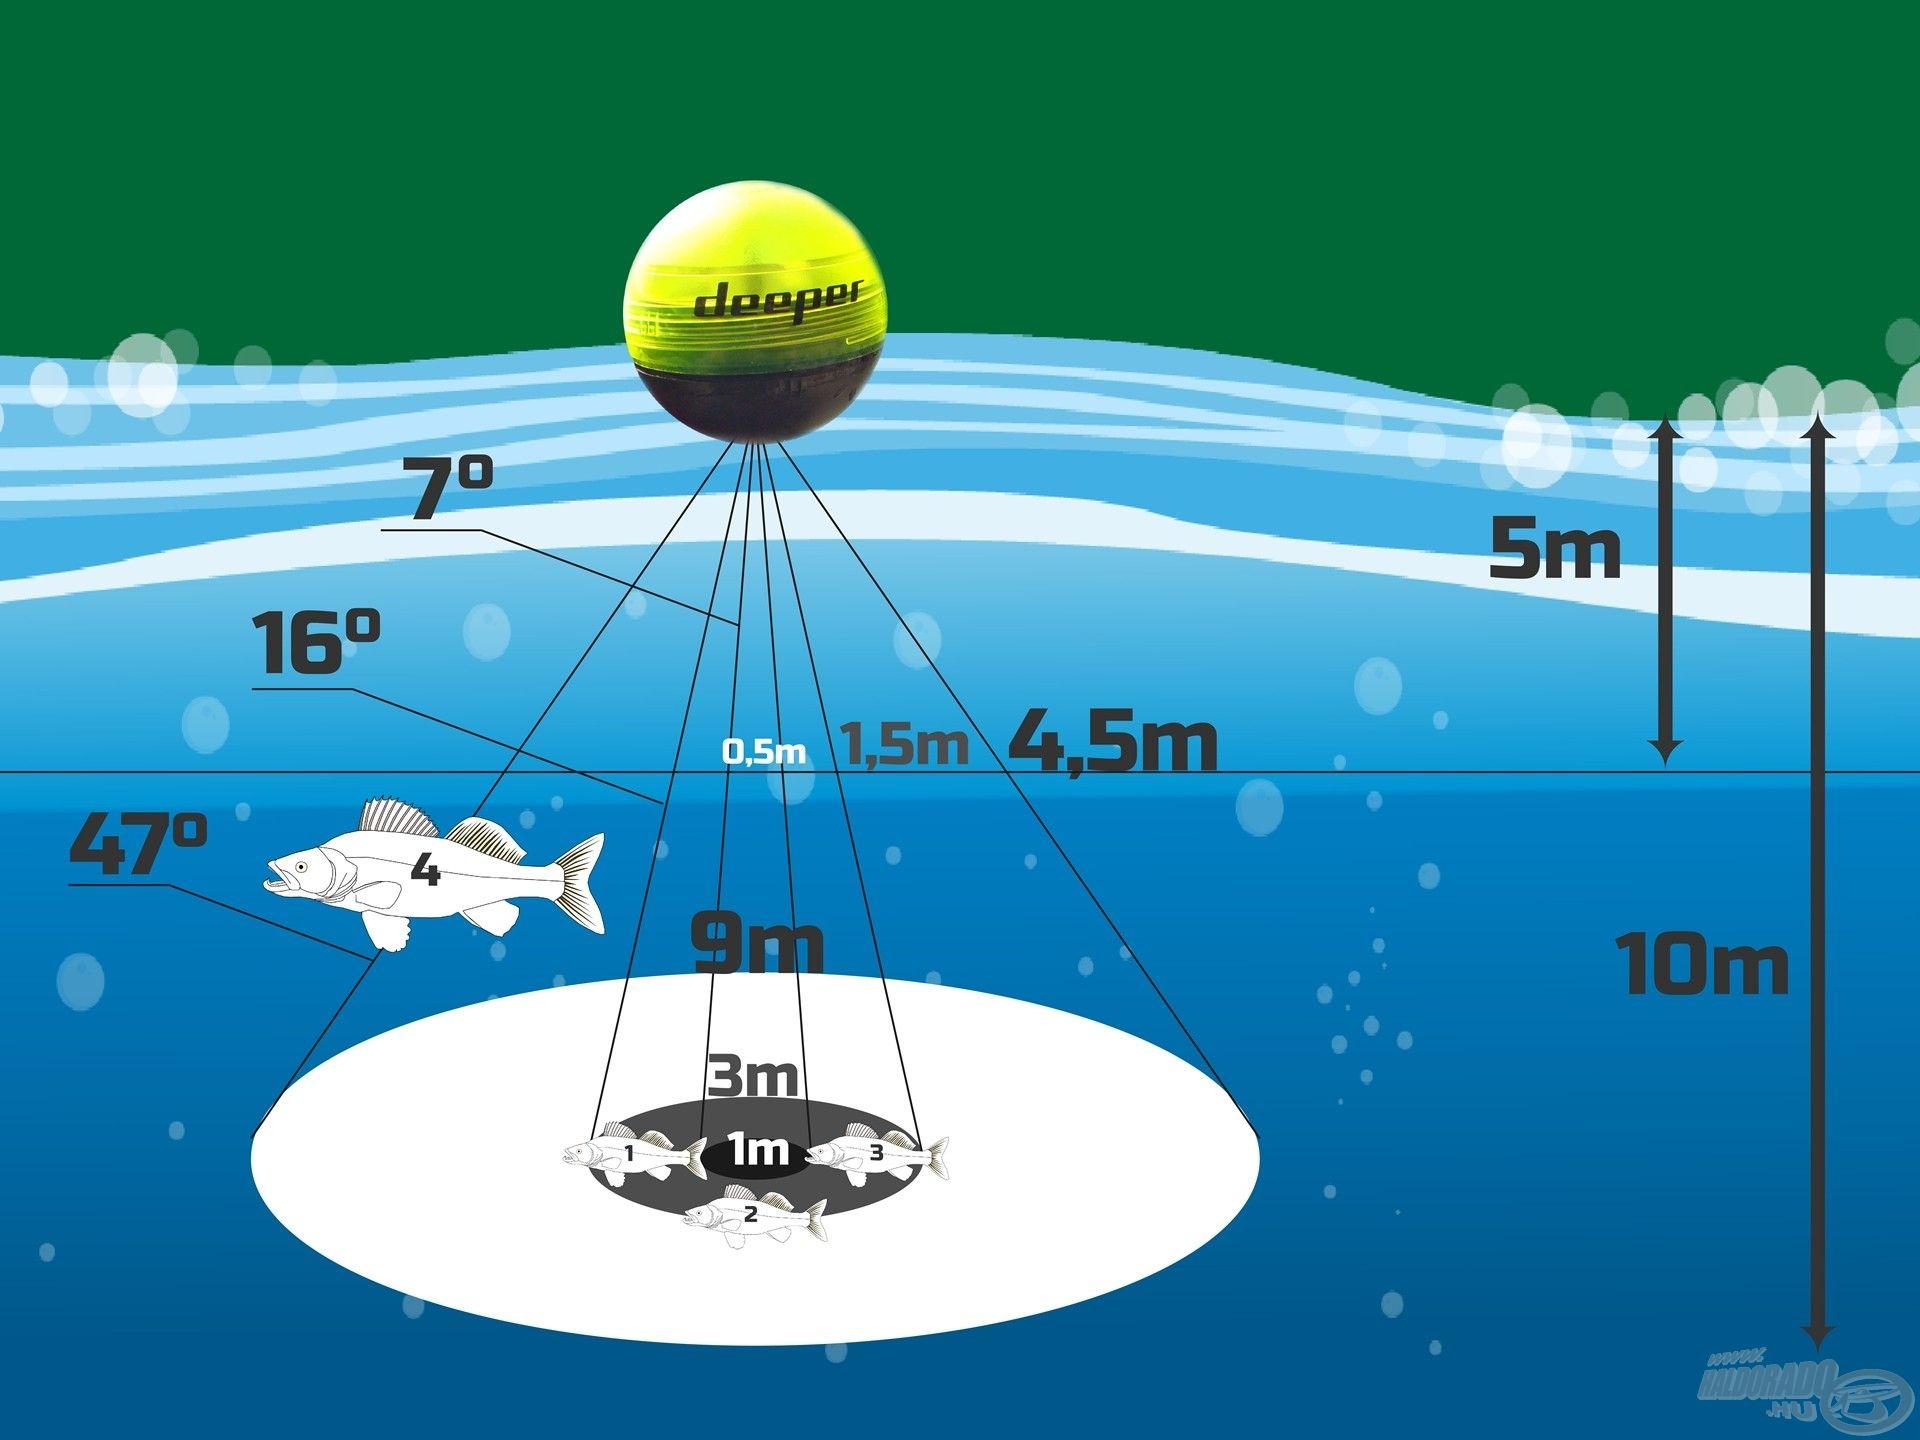 Látószögek, vízmélység és a letapogatott terület nagysága